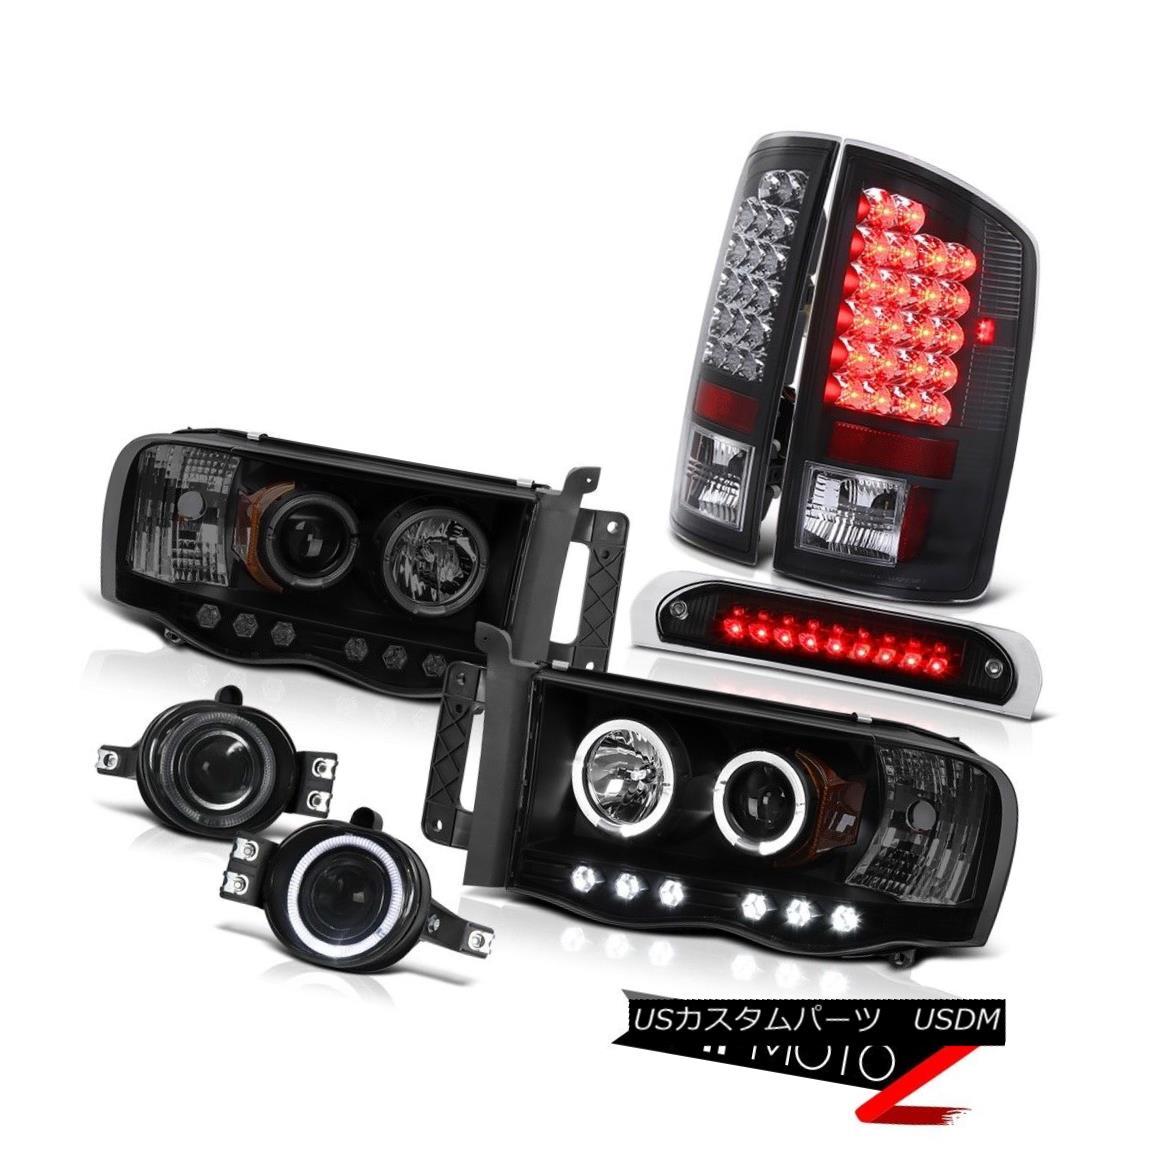 テールライト Smoke Halo Headlights LED Bulbs Taillamps Driving Fog Black 3RD 2002-2005 Ram WS スモークハローヘッドライトLED電球タイルランプDriving Fog Black 3RD 2002-2005 Ram WS